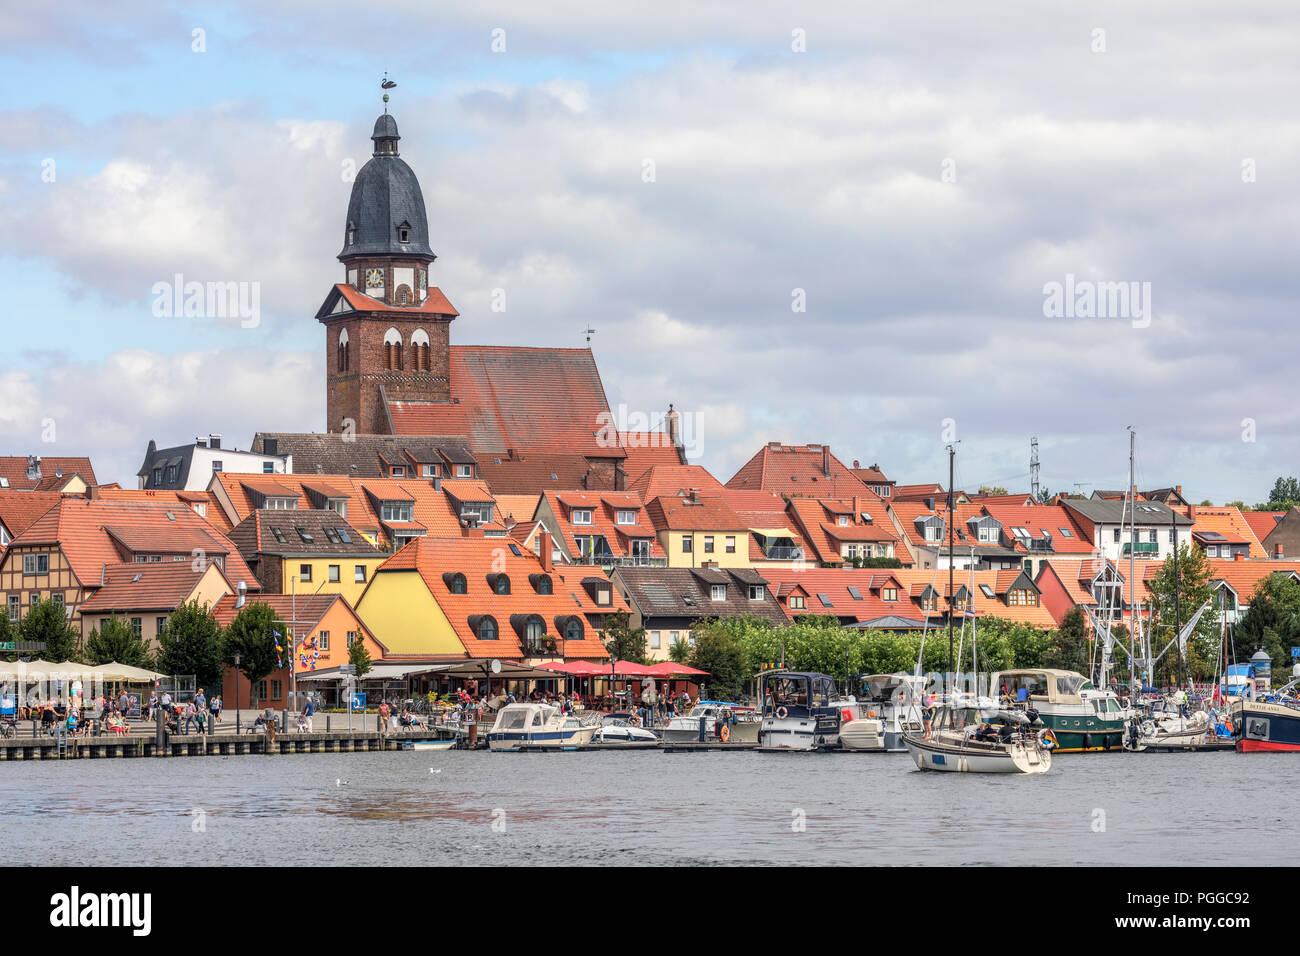 Waren an der Müritz, Mecklenburg-Vorpommern, Germany, Europe - Stock Image